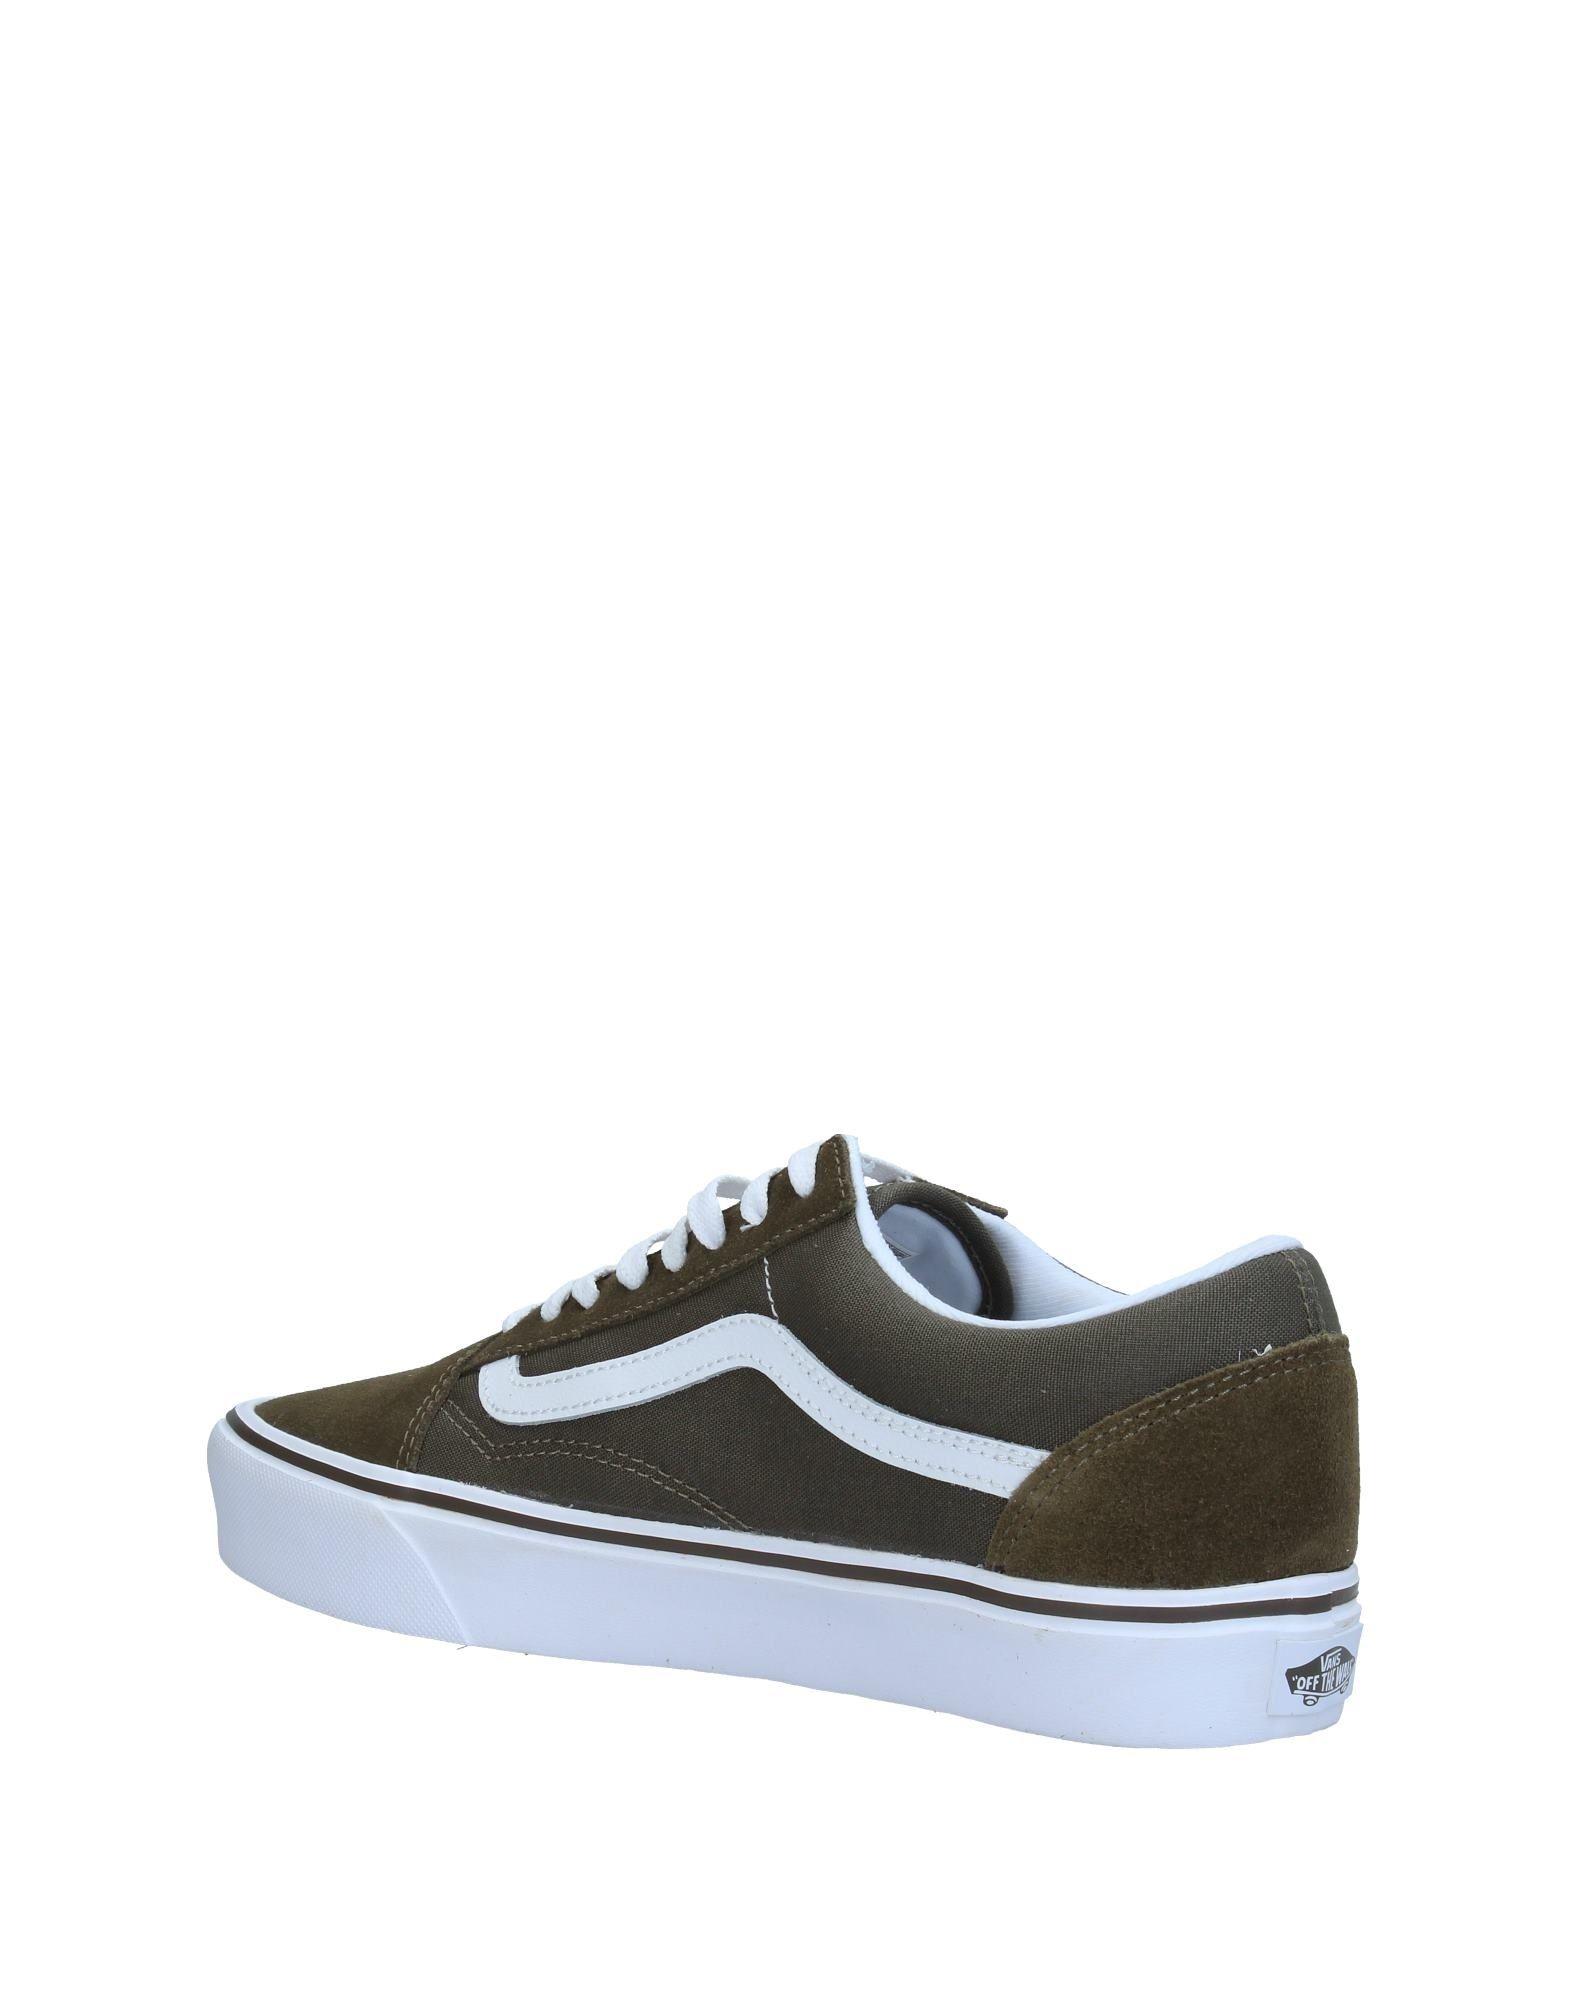 Rabatt echte Schuhe Vans Sneakers Herren  11376499PD